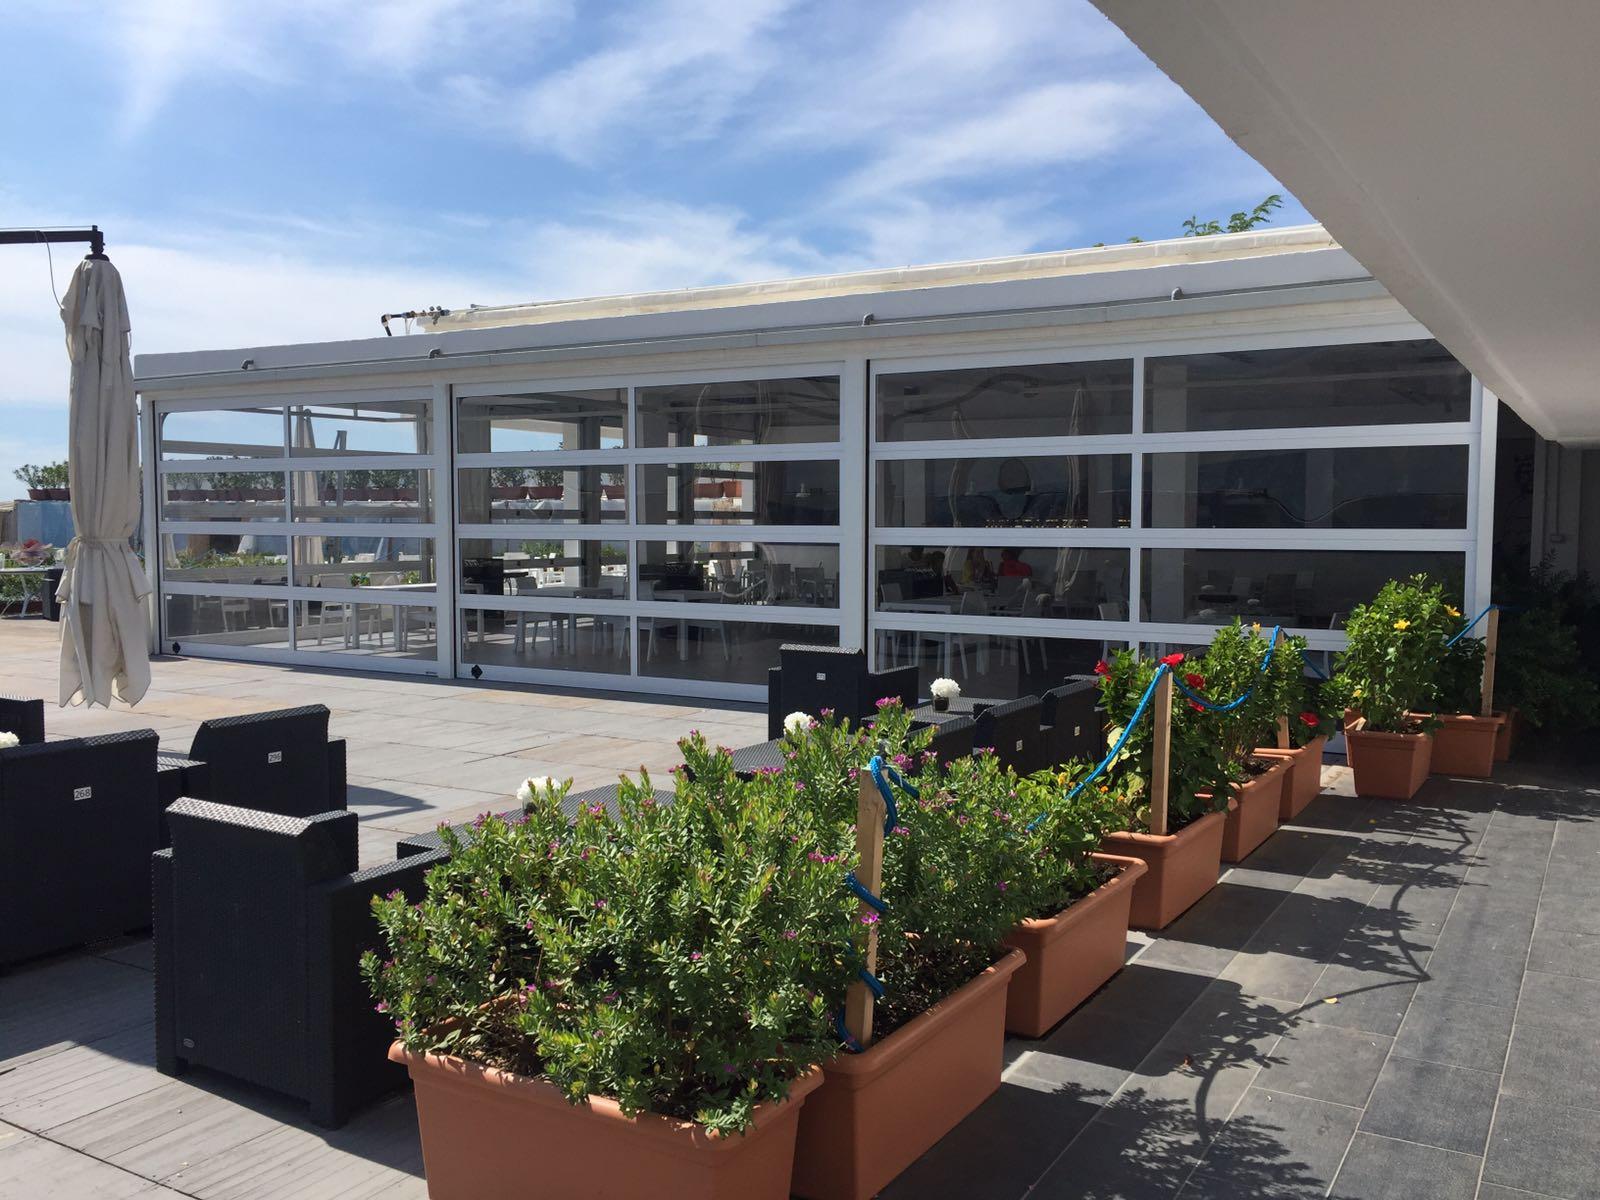 Portoni sezionali Breda. Luce, aria e outdoor per spazi super smart